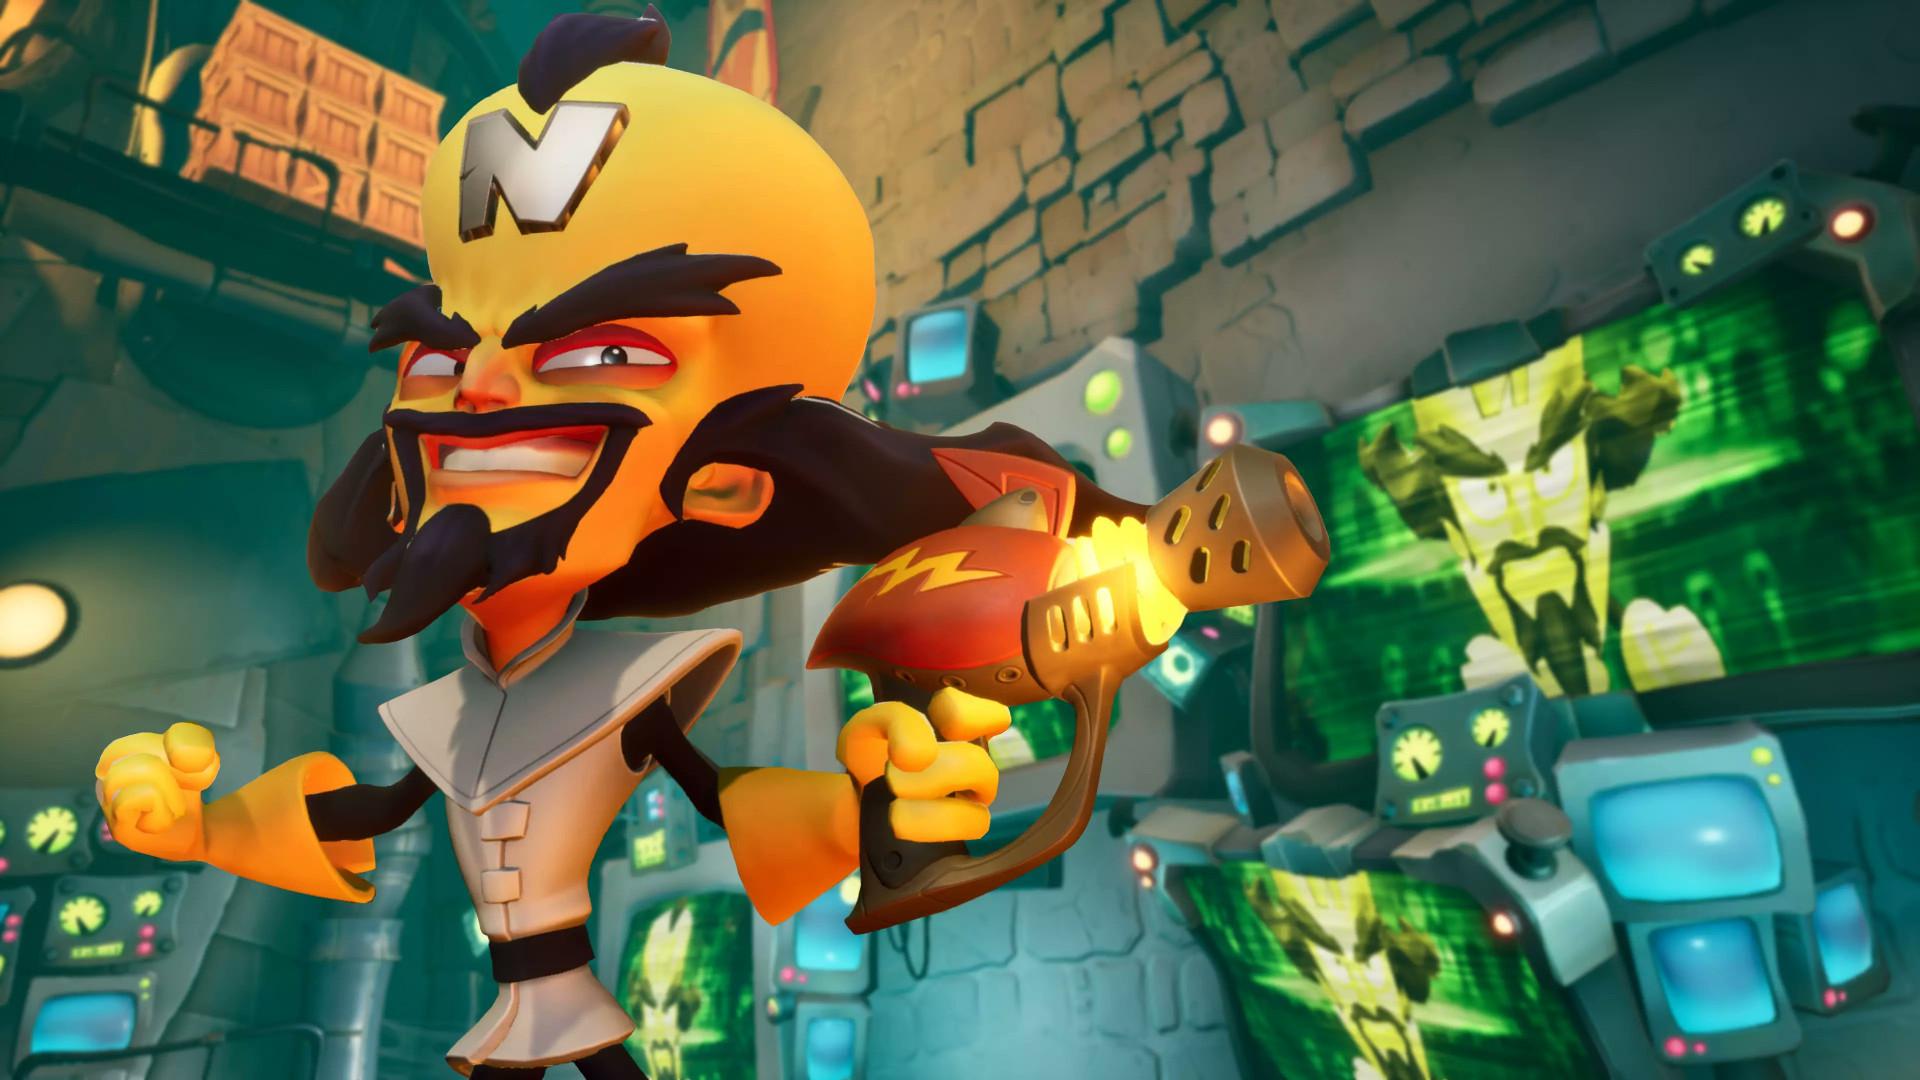 Трейлер Crash Bandicoot 4: It's About Time — игра выйдет 2 октября 3